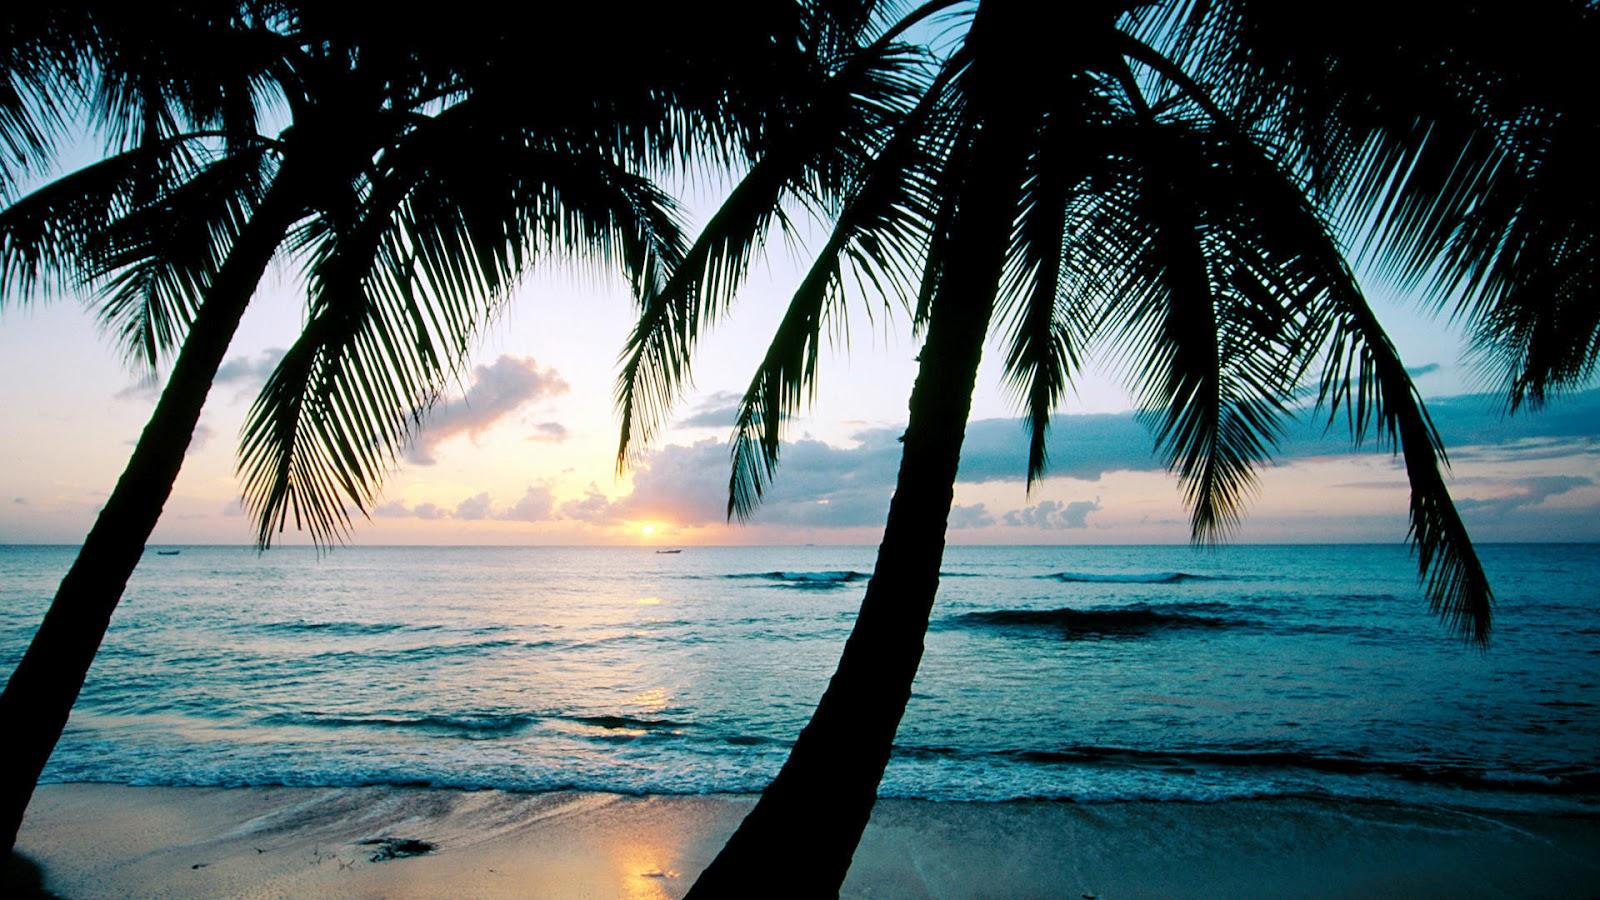 Paisajes Atardeceres Hermosos - paisajes hermosos Atardecer en Raiatea Polinesia Francesa